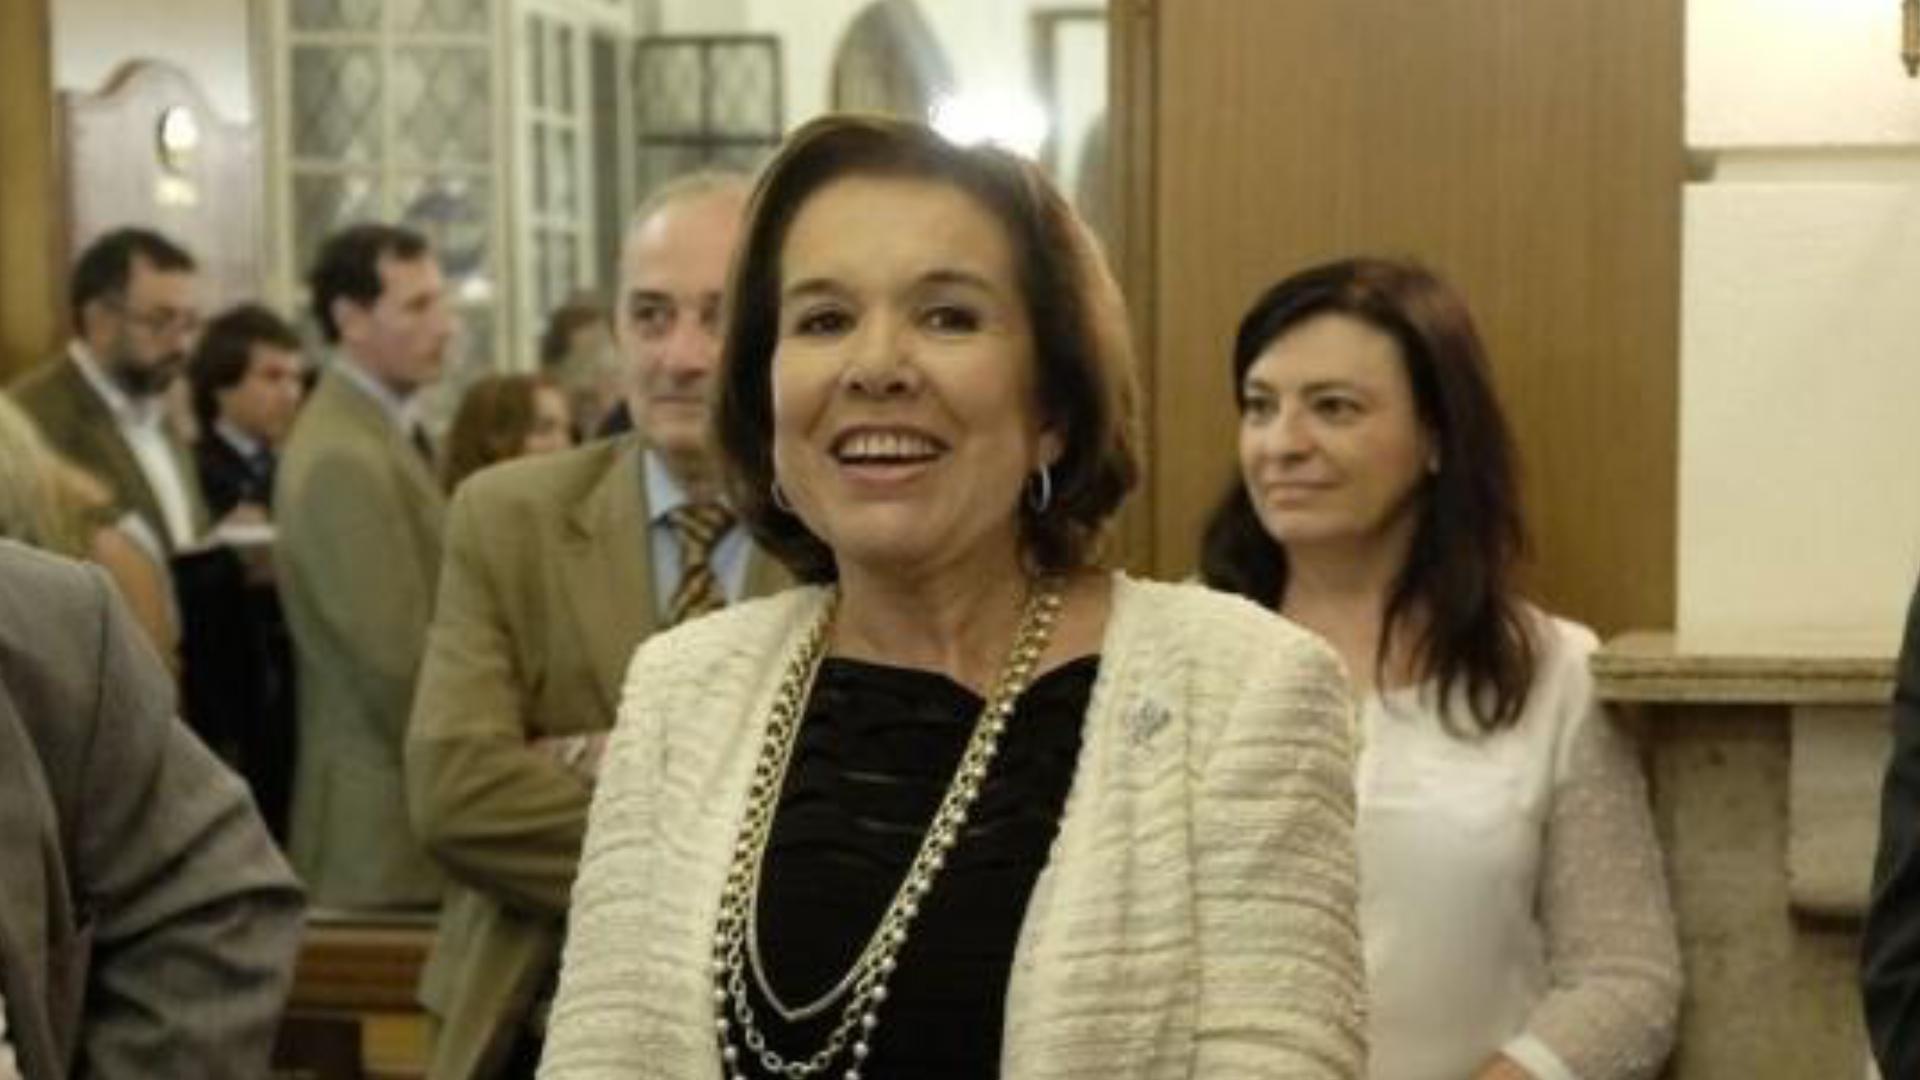 La jueza María Lilia Gómez Alonso de Díaz Cordero, titular de la Asociación de Magistrados